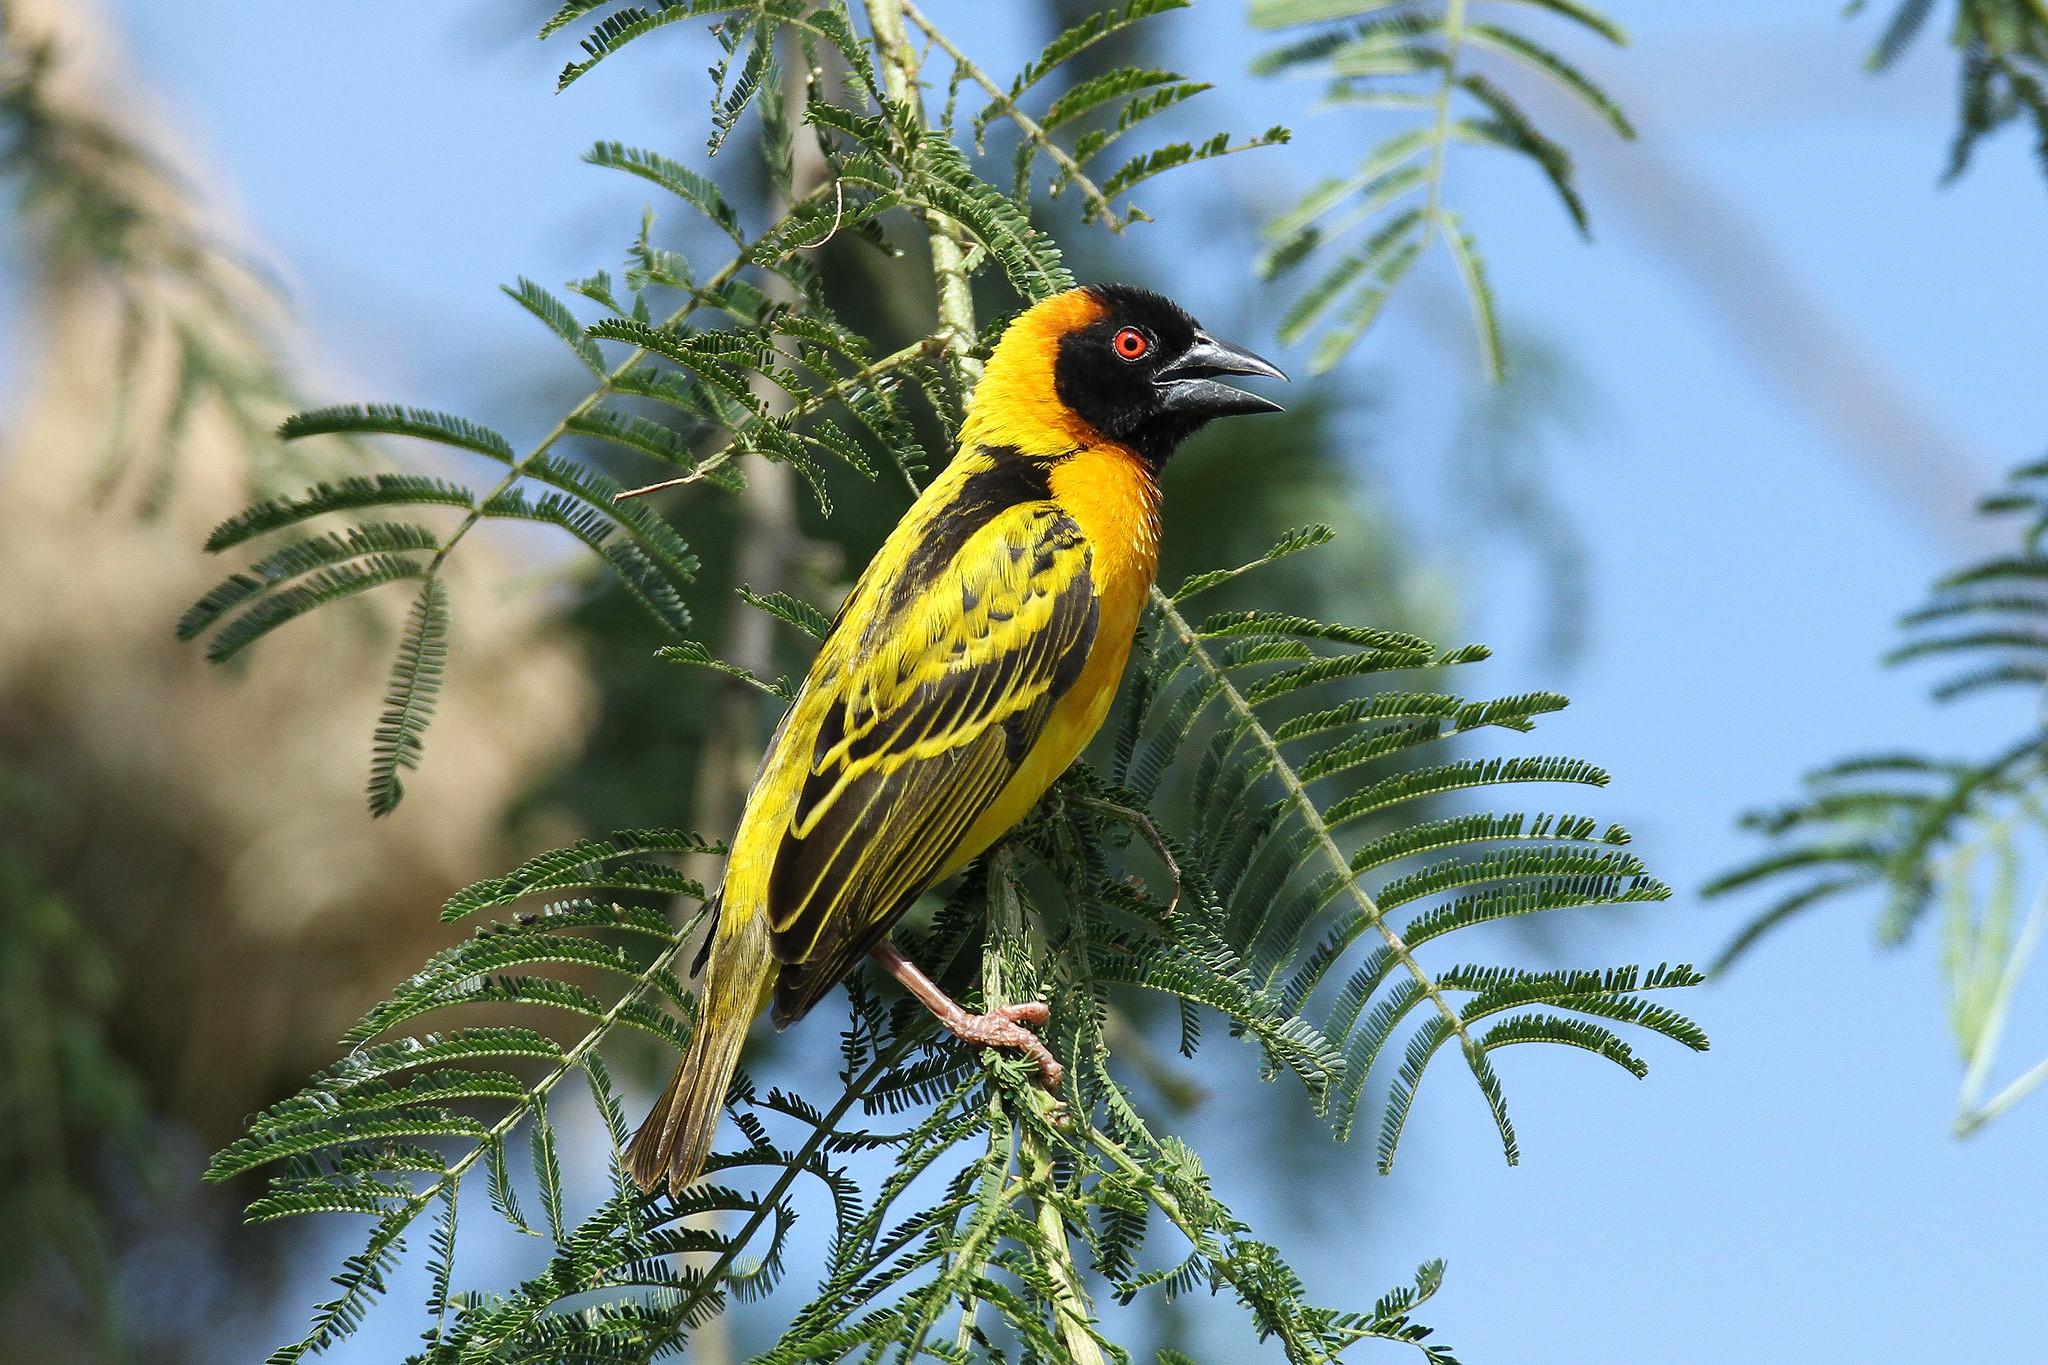 Ploceus cucullatus ♂ (Black-headed Weaver) - Isunga, Uganda